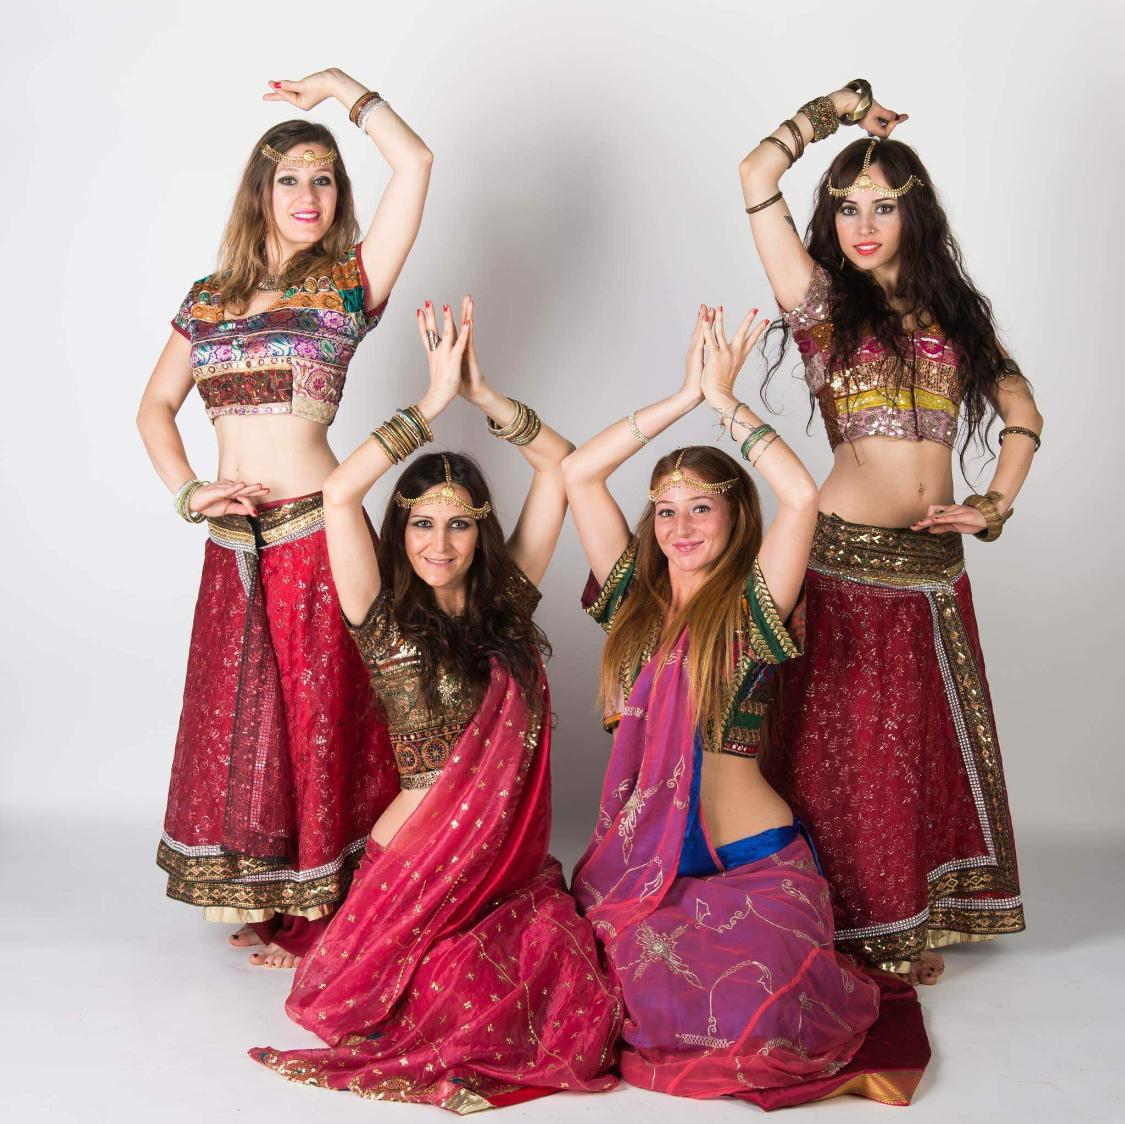 indra-dance-bollywood-zingaras-danza-del-vientre-tinglados